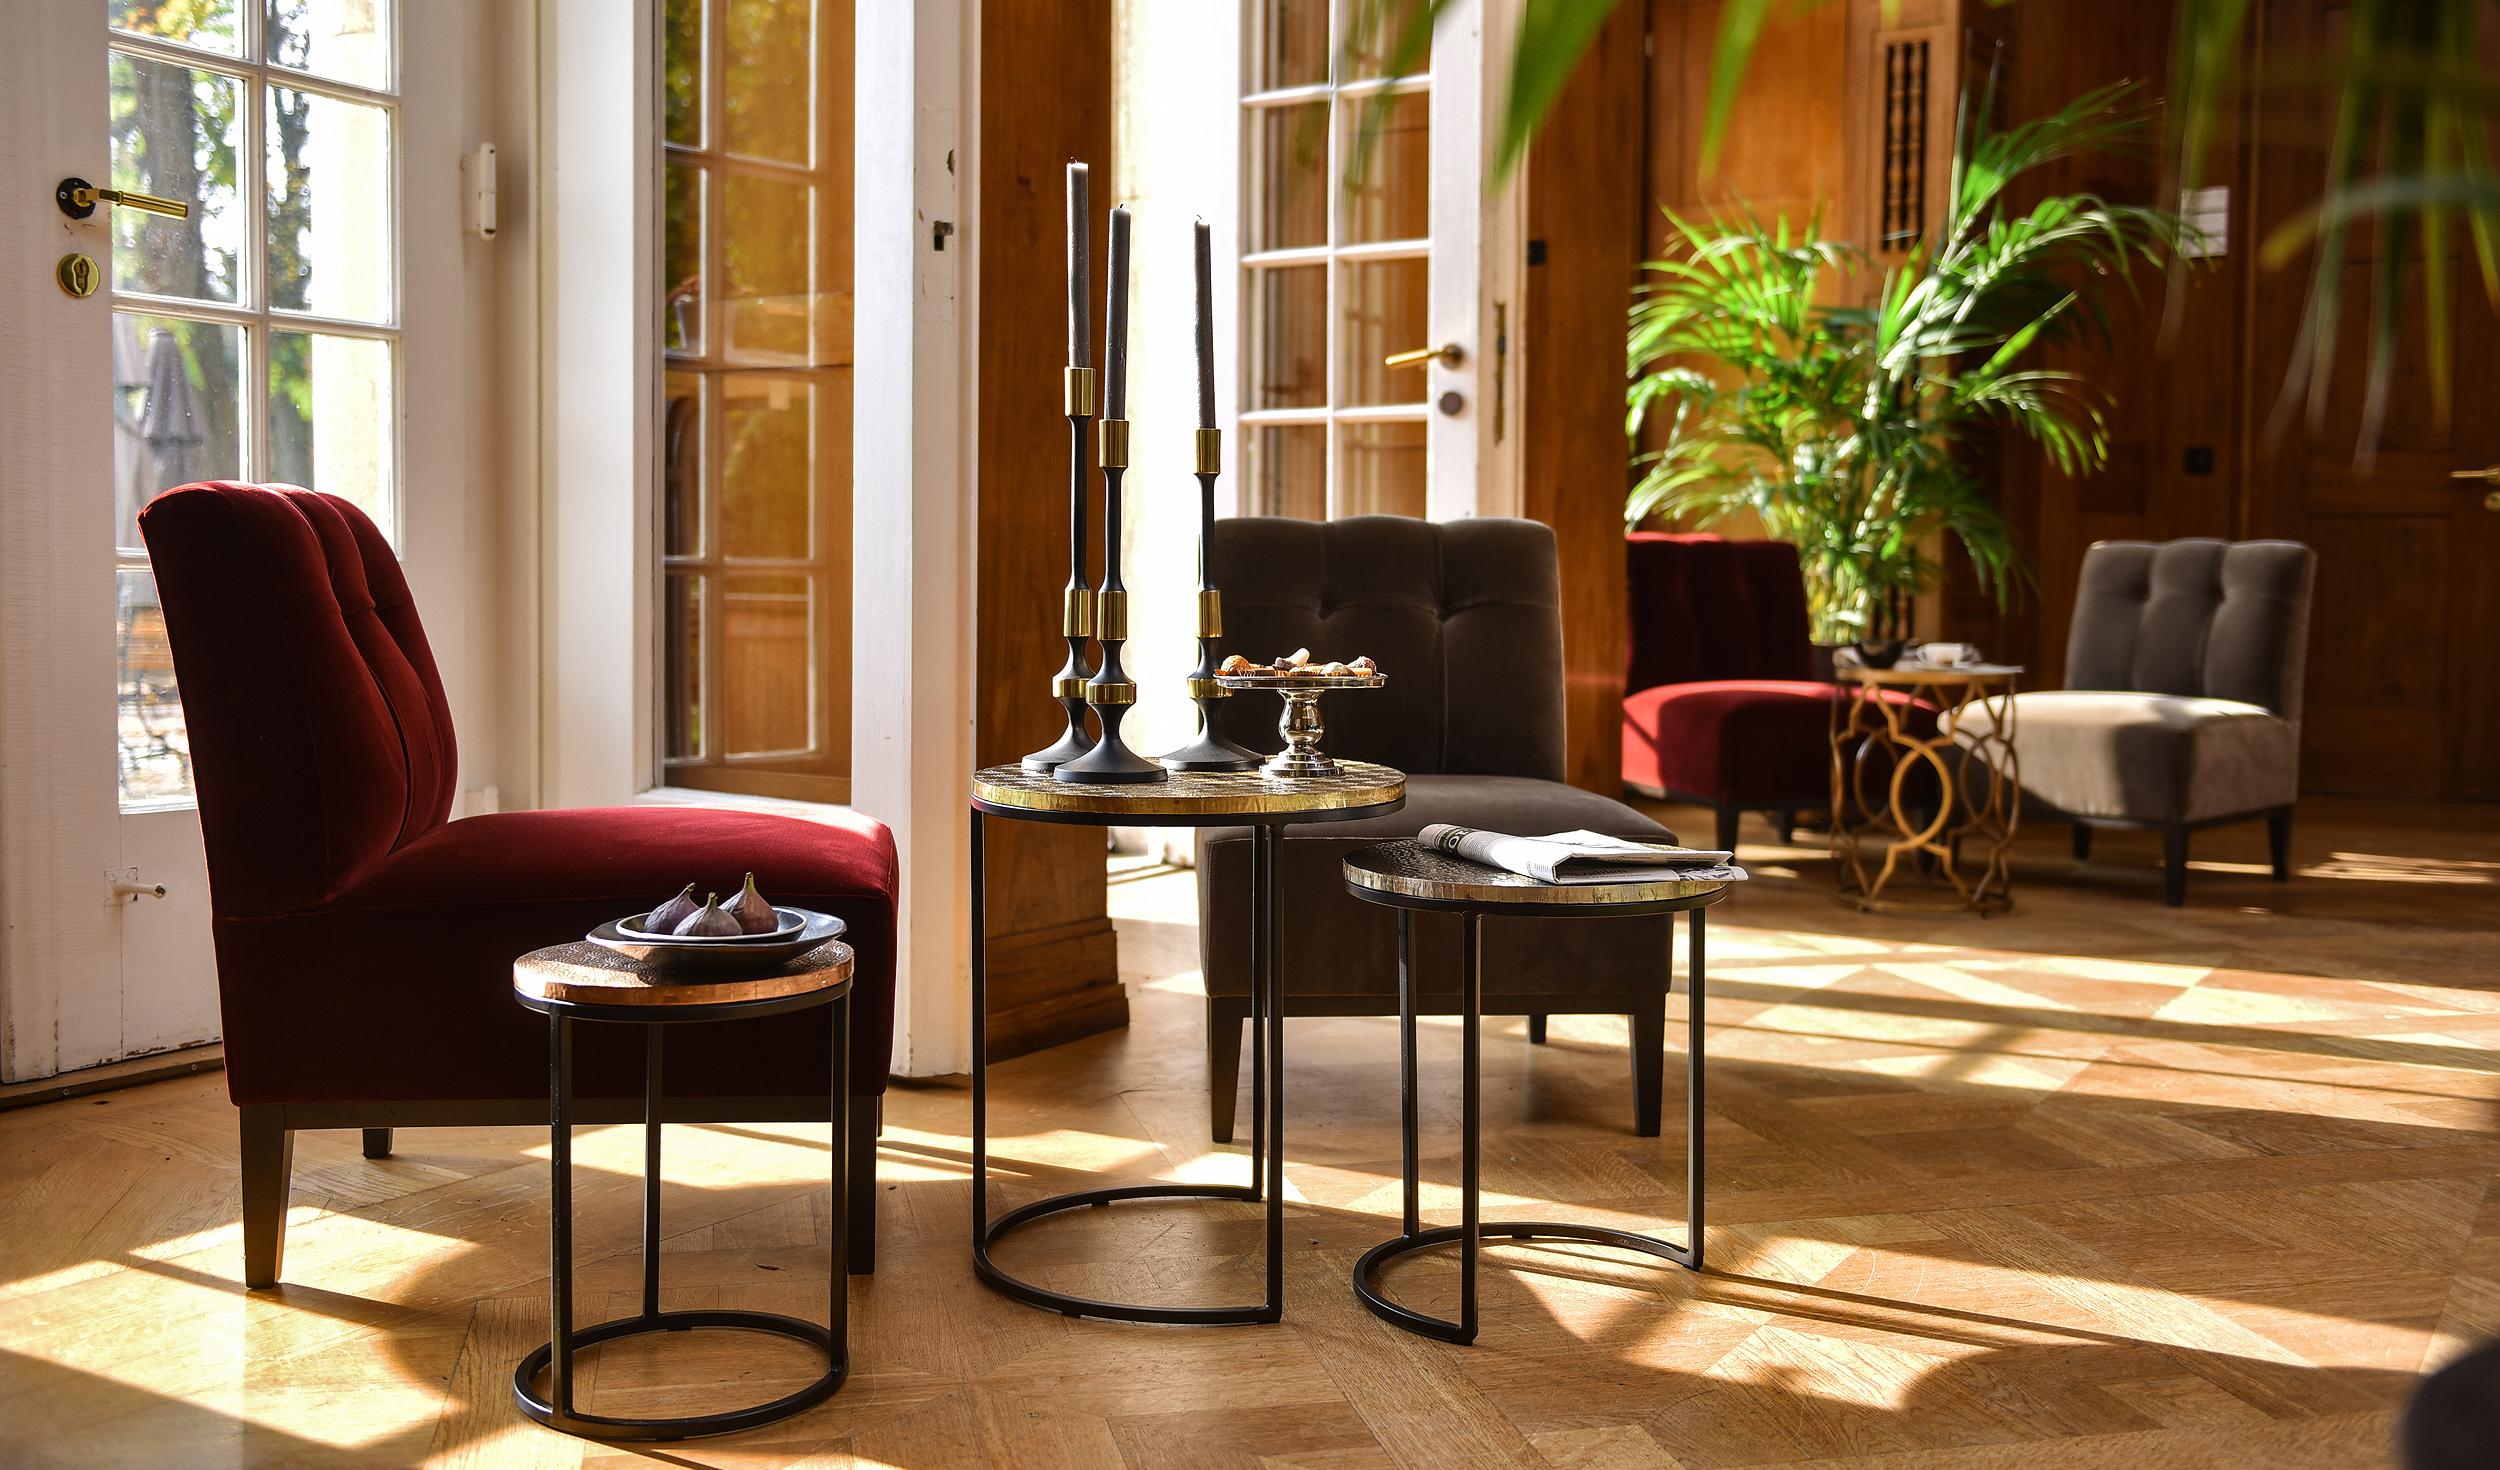 Gestaltung der Fensternischen im Schlosshotel Hasenwinkel